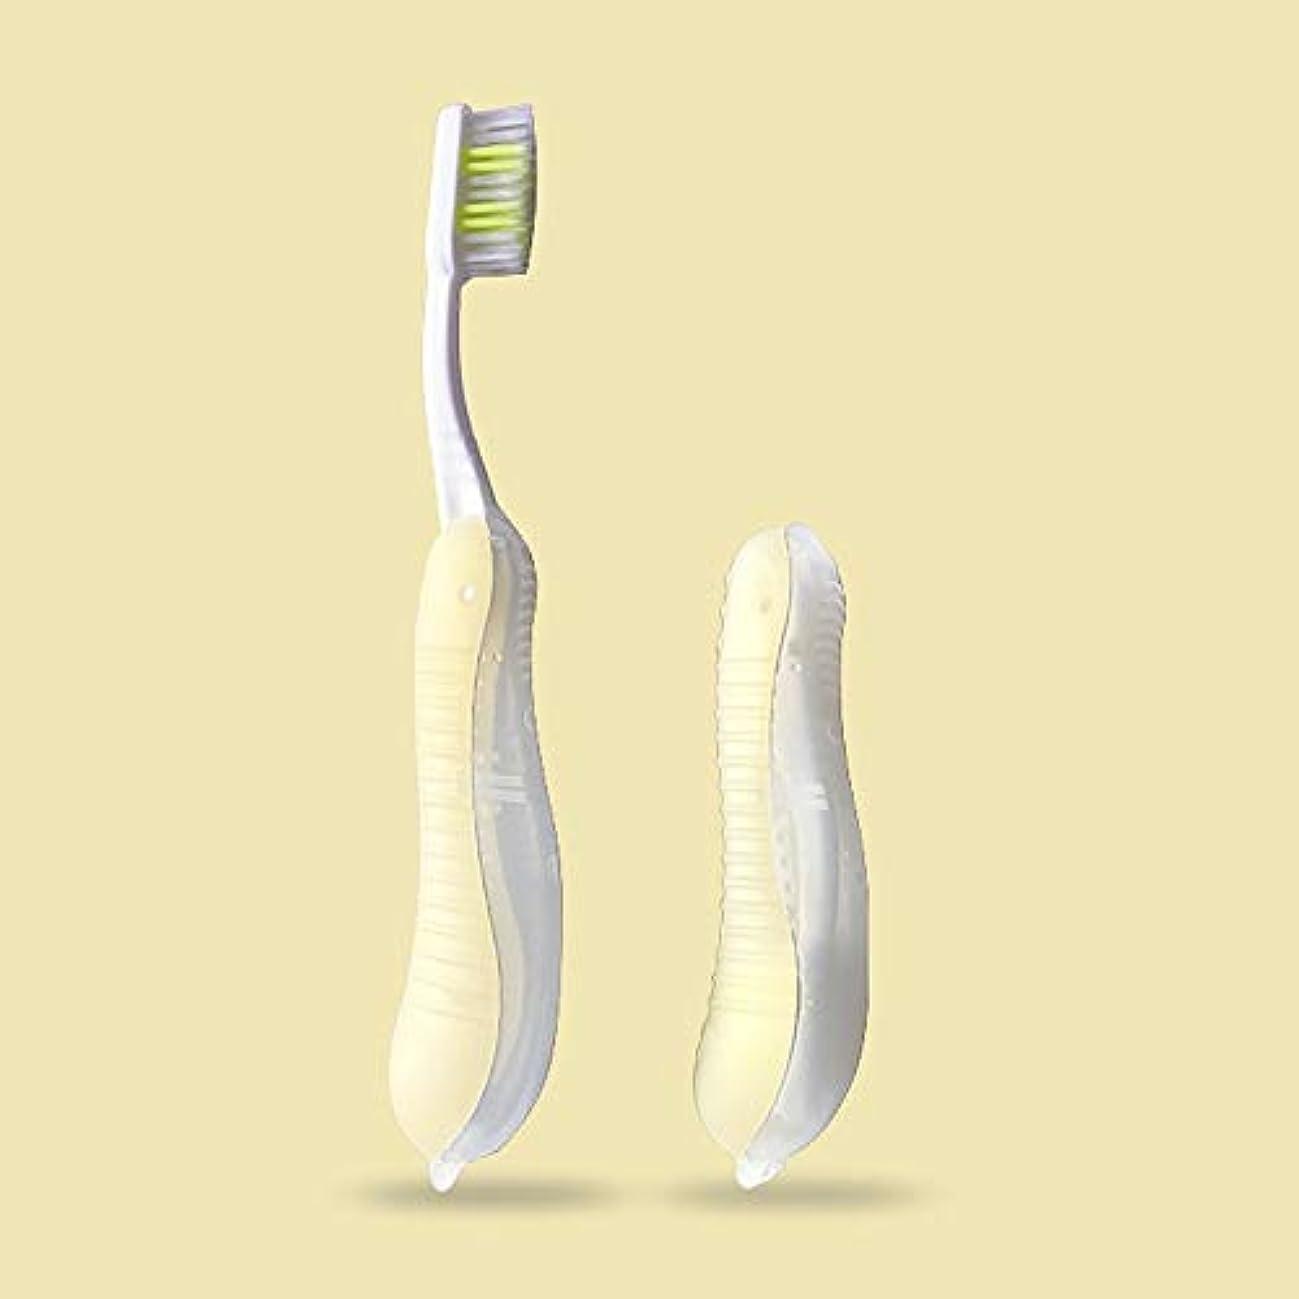 銛ハブ振りかける歯ブラシ 歯ブラシ、大人折り畳み式歯ブラシ、ポータブル柔らかい歯ブラシの6本のスティック - 利用できる色の6種類 KHL (色 : 黄, サイズ : 6 packs)